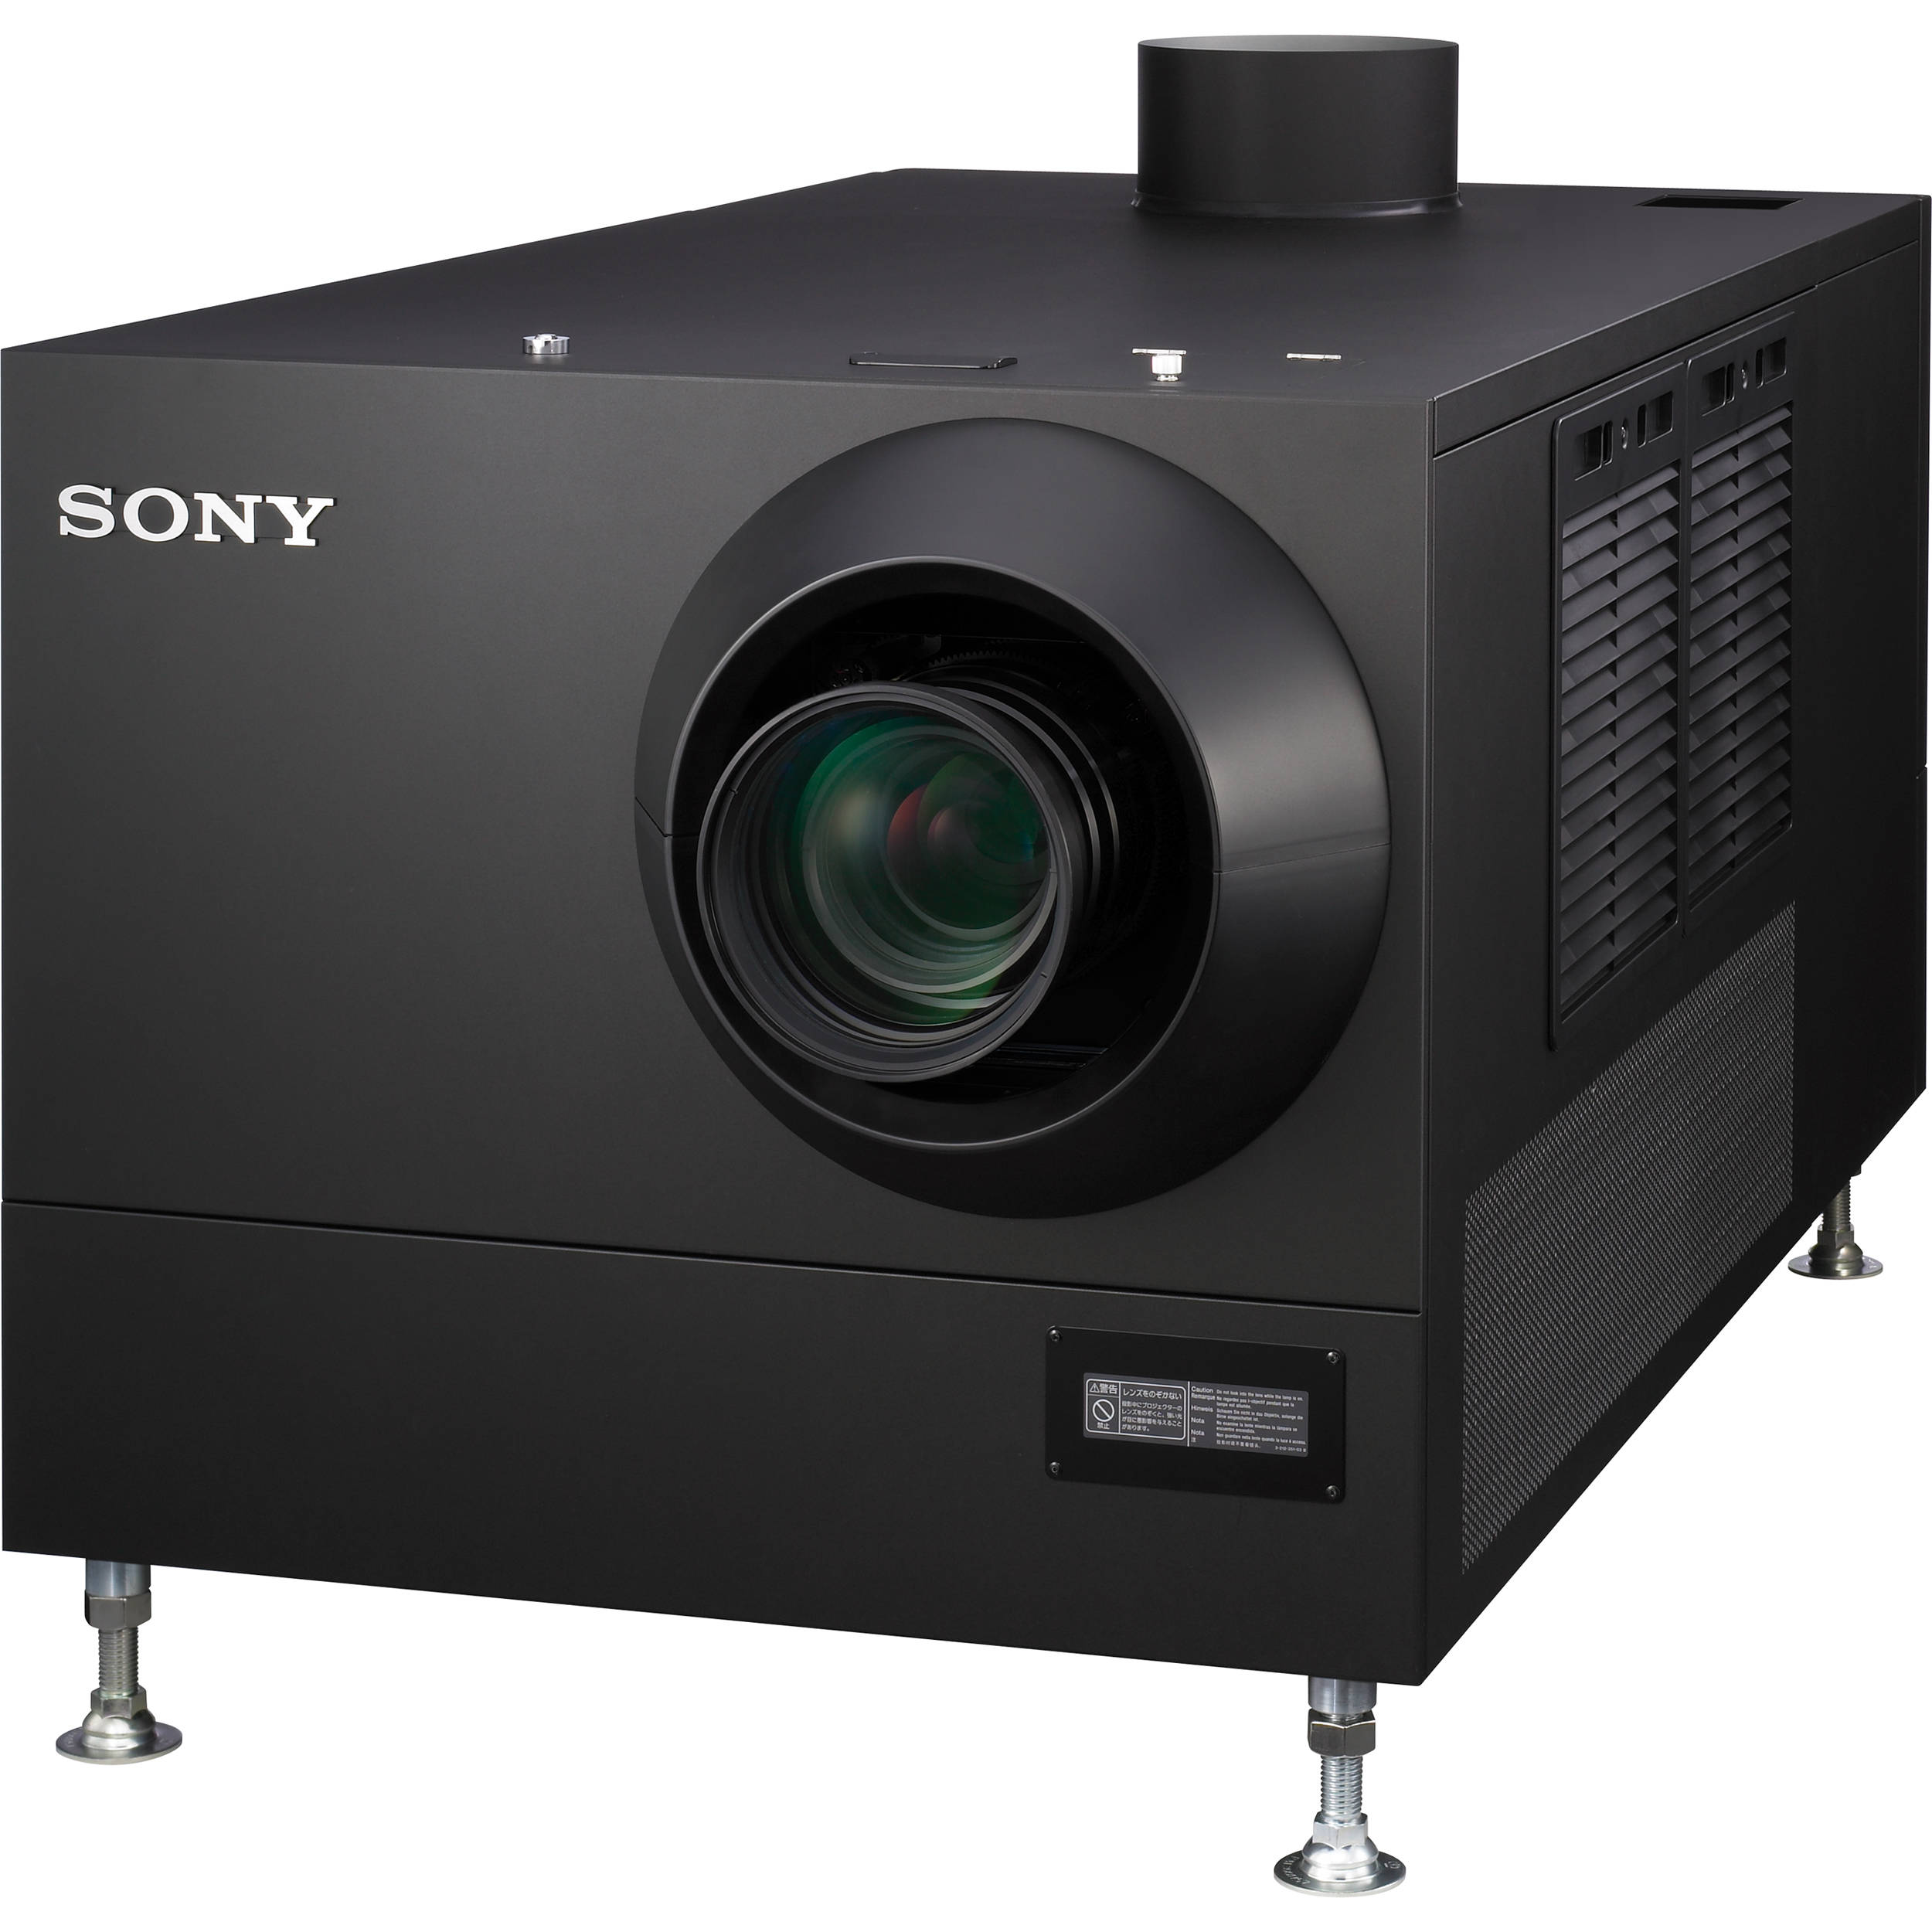 Sony SRX-T423 4K SXRD 23,000 Lumens Projector SRXT423 B\u0026H Photo